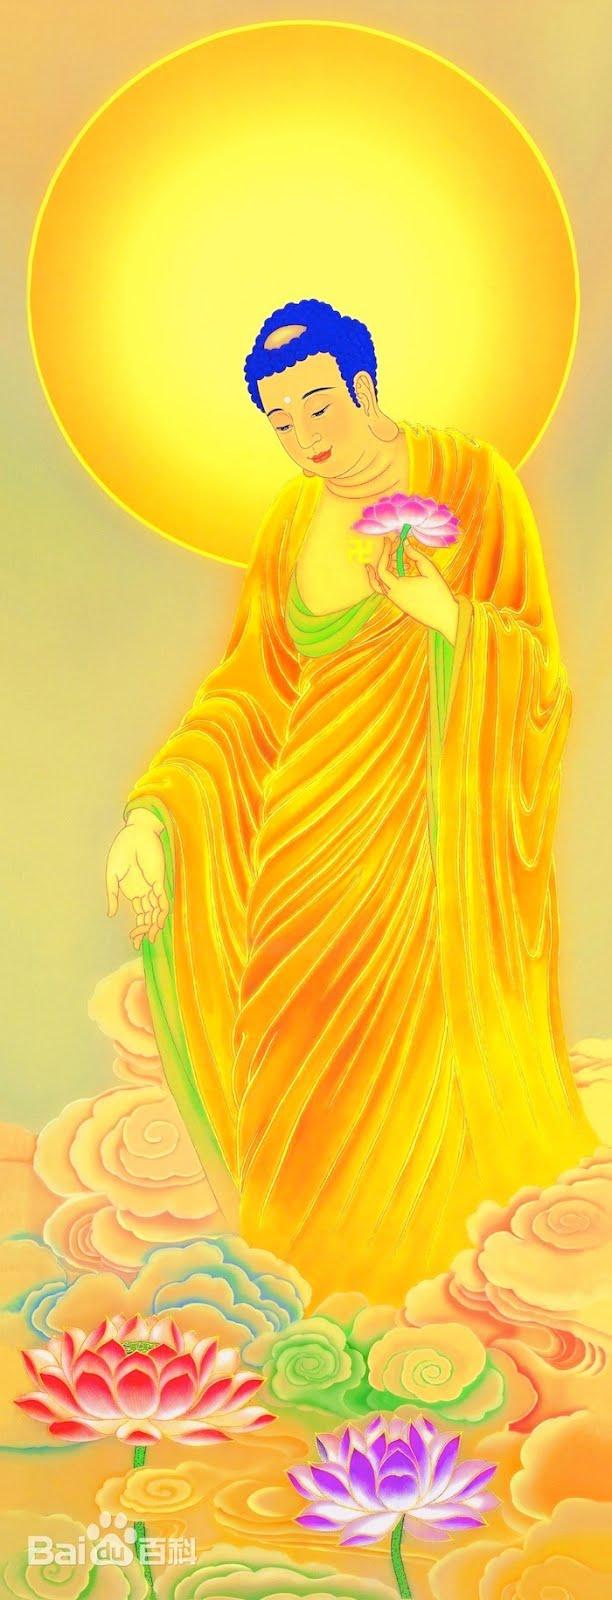 佛菩薩的啟示 Enlightenment from Buddha and Bodhisattva: 繁體_常念[ 南無阿彌陀佛]的益處及相關內容+3個精美唱誦視頻